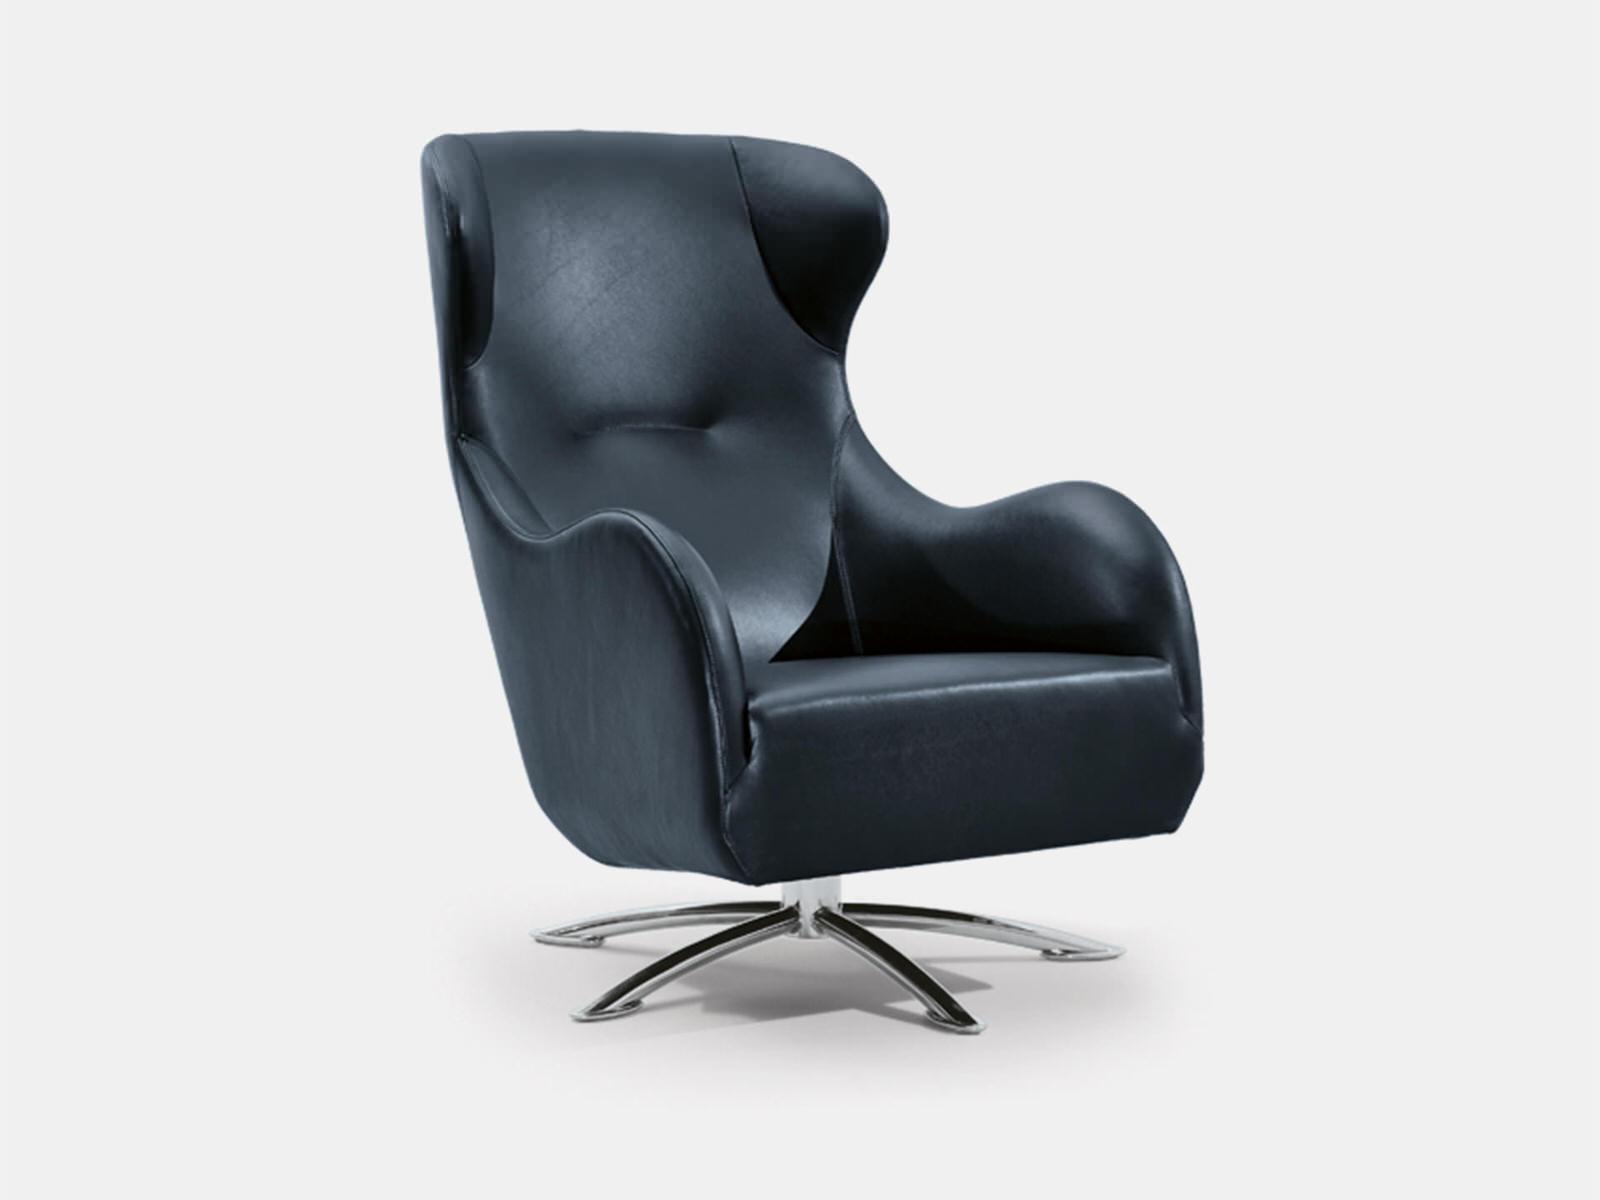 Wittmann Jolly fauteuil Ploemen Interieur